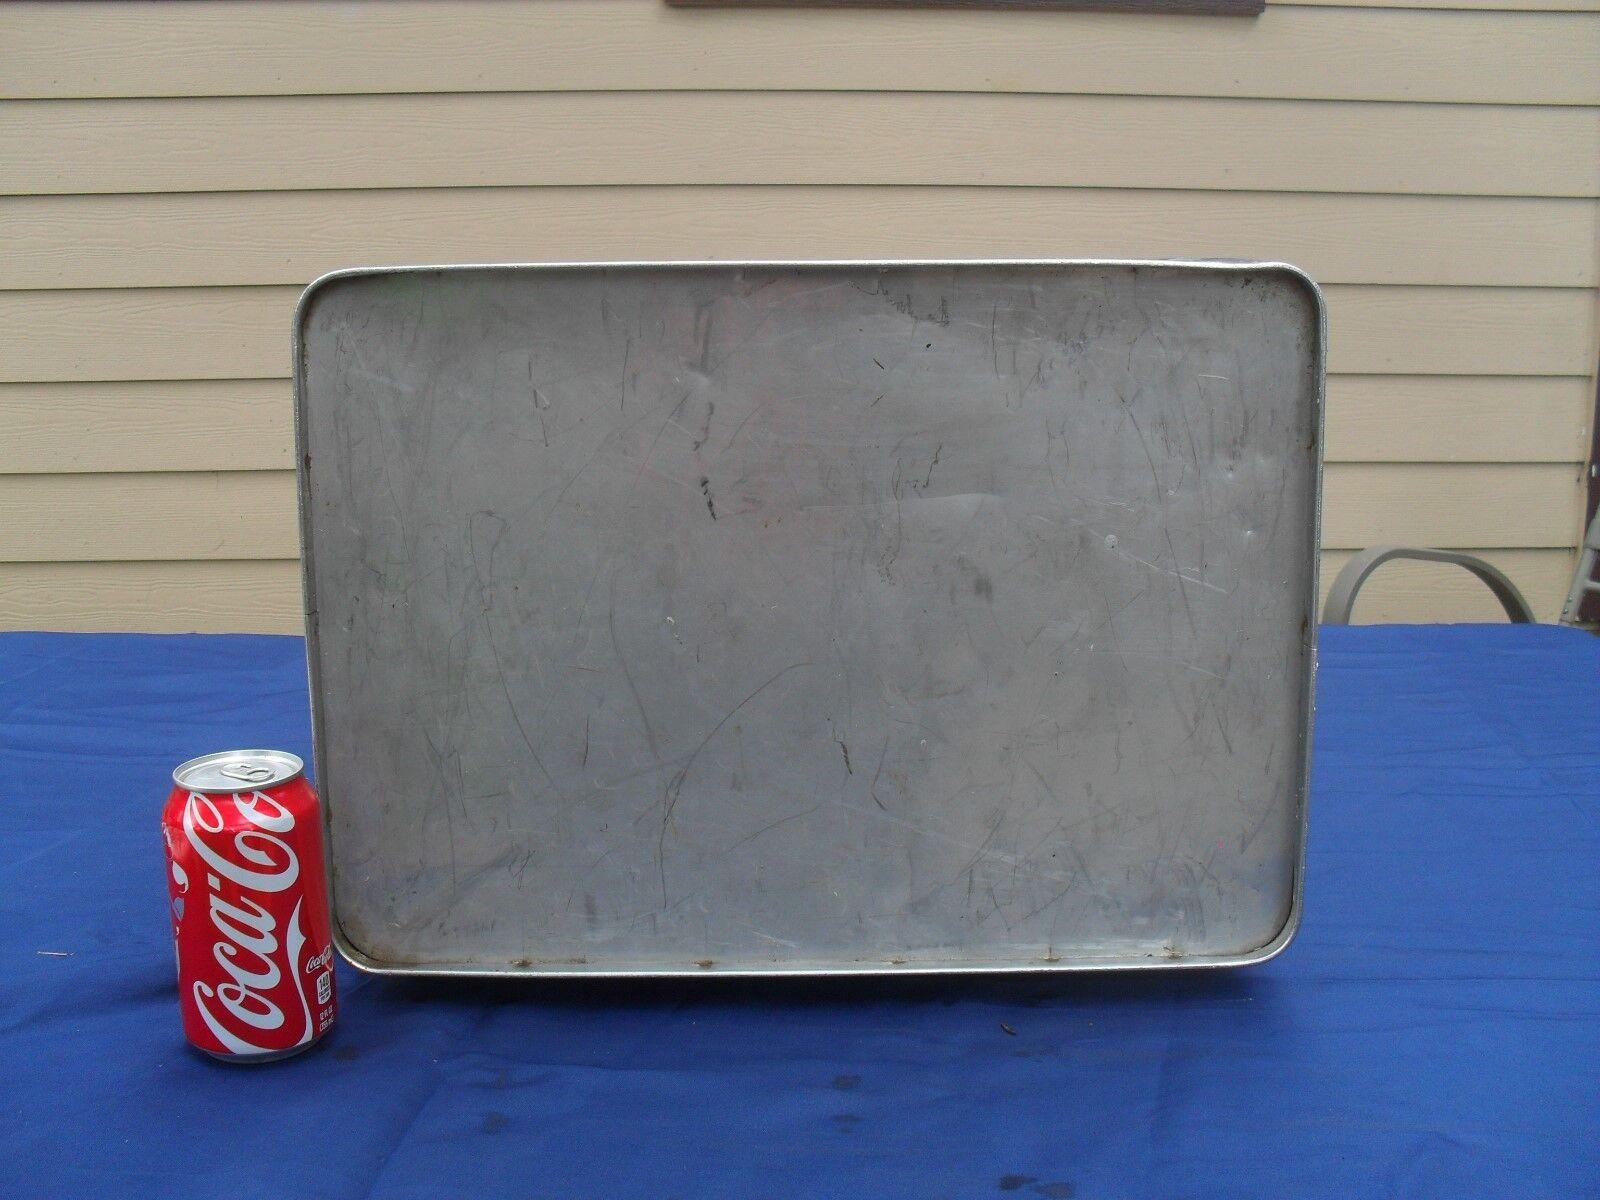 vintage embossed coca cola stainless steel cooler chest w bottle opener picclick uk. Black Bedroom Furniture Sets. Home Design Ideas